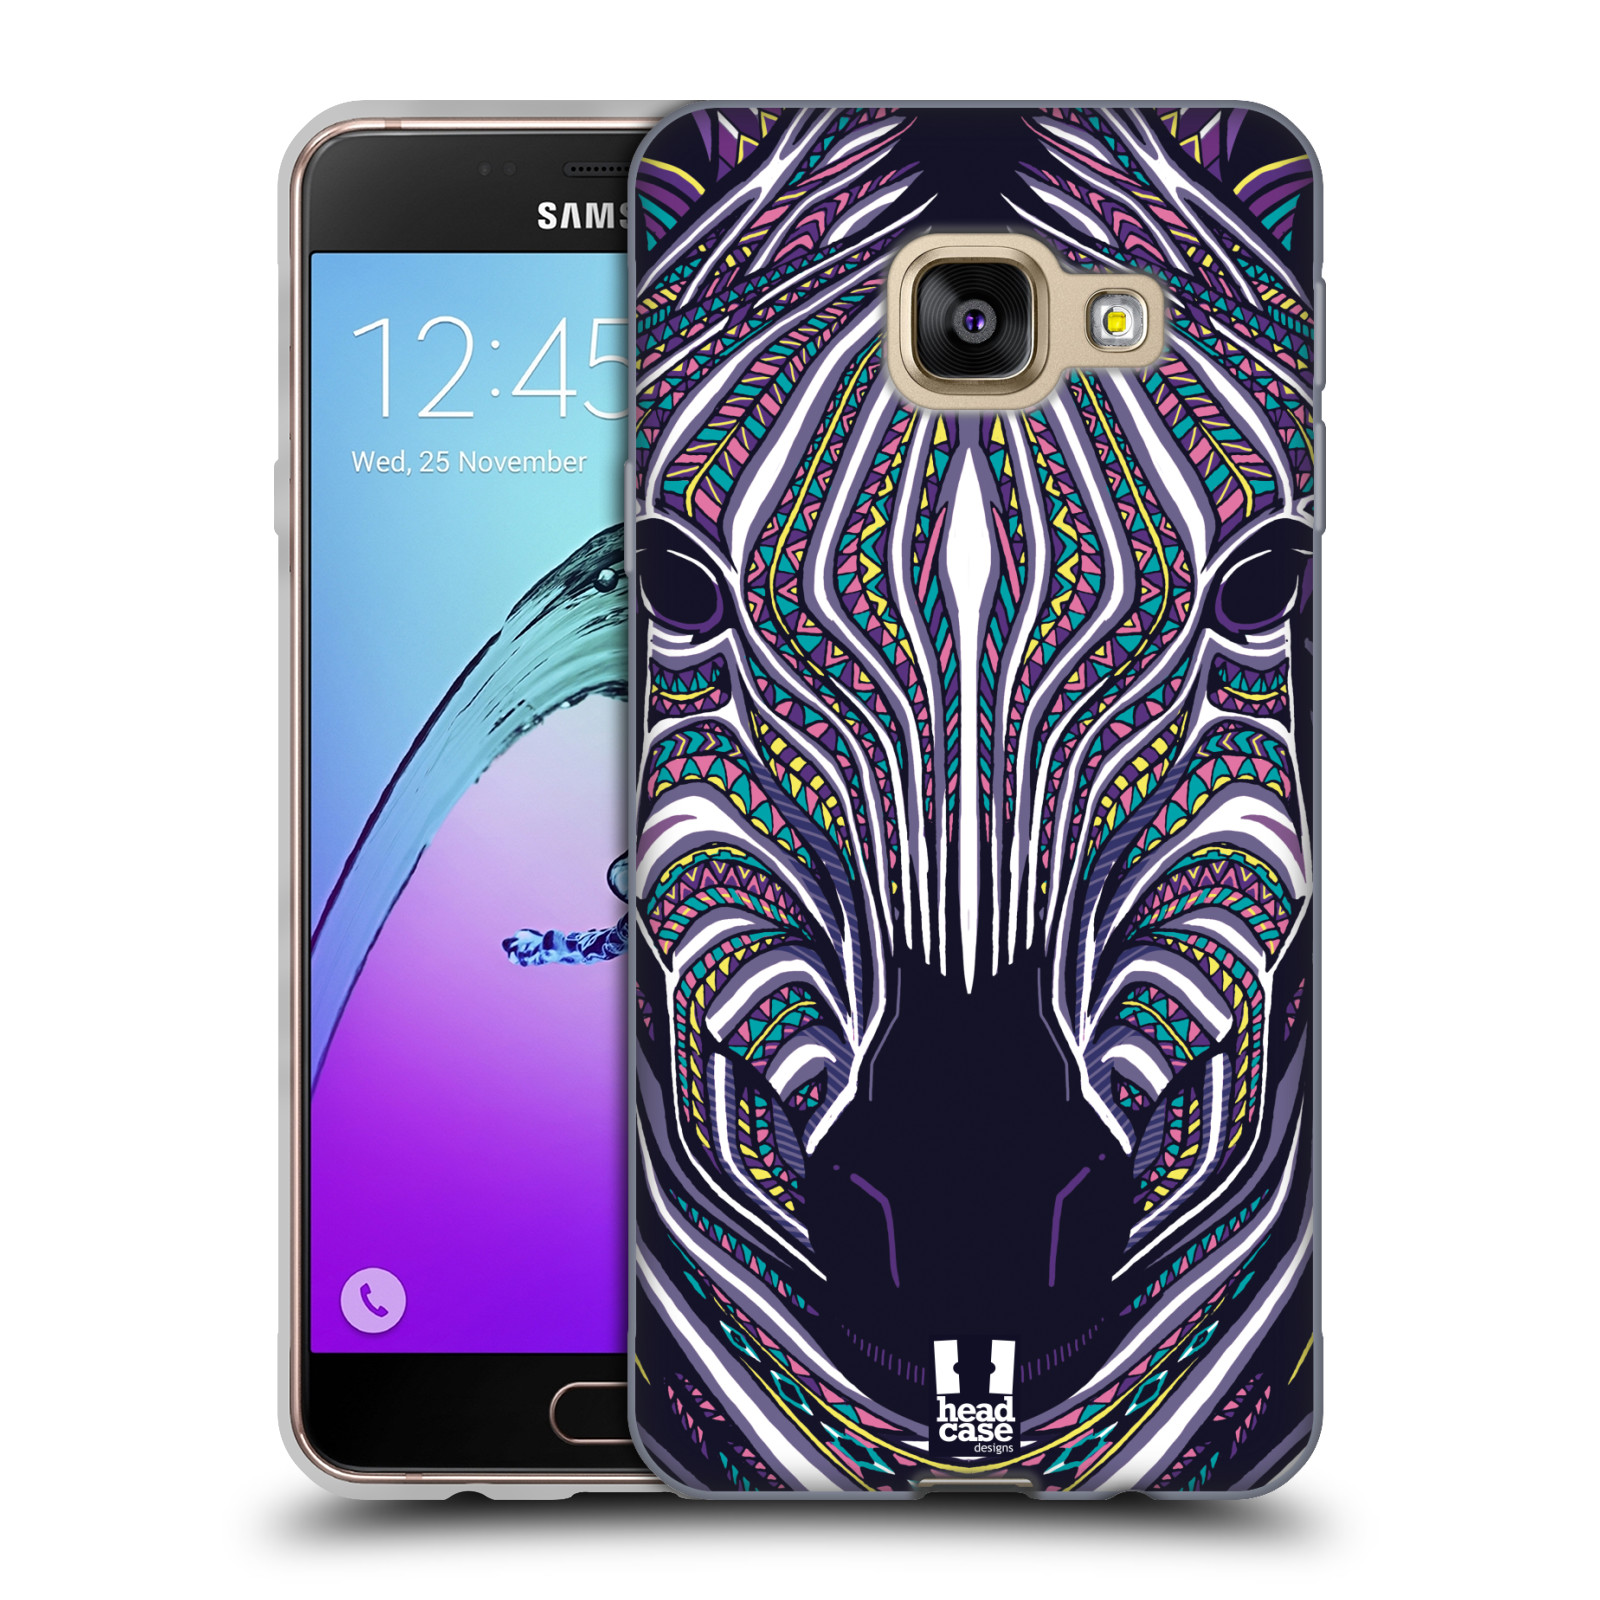 Silikonové pouzdro na mobil Samsung Galaxy A3 (2016) HEAD CASE AZTEC ZEBRA